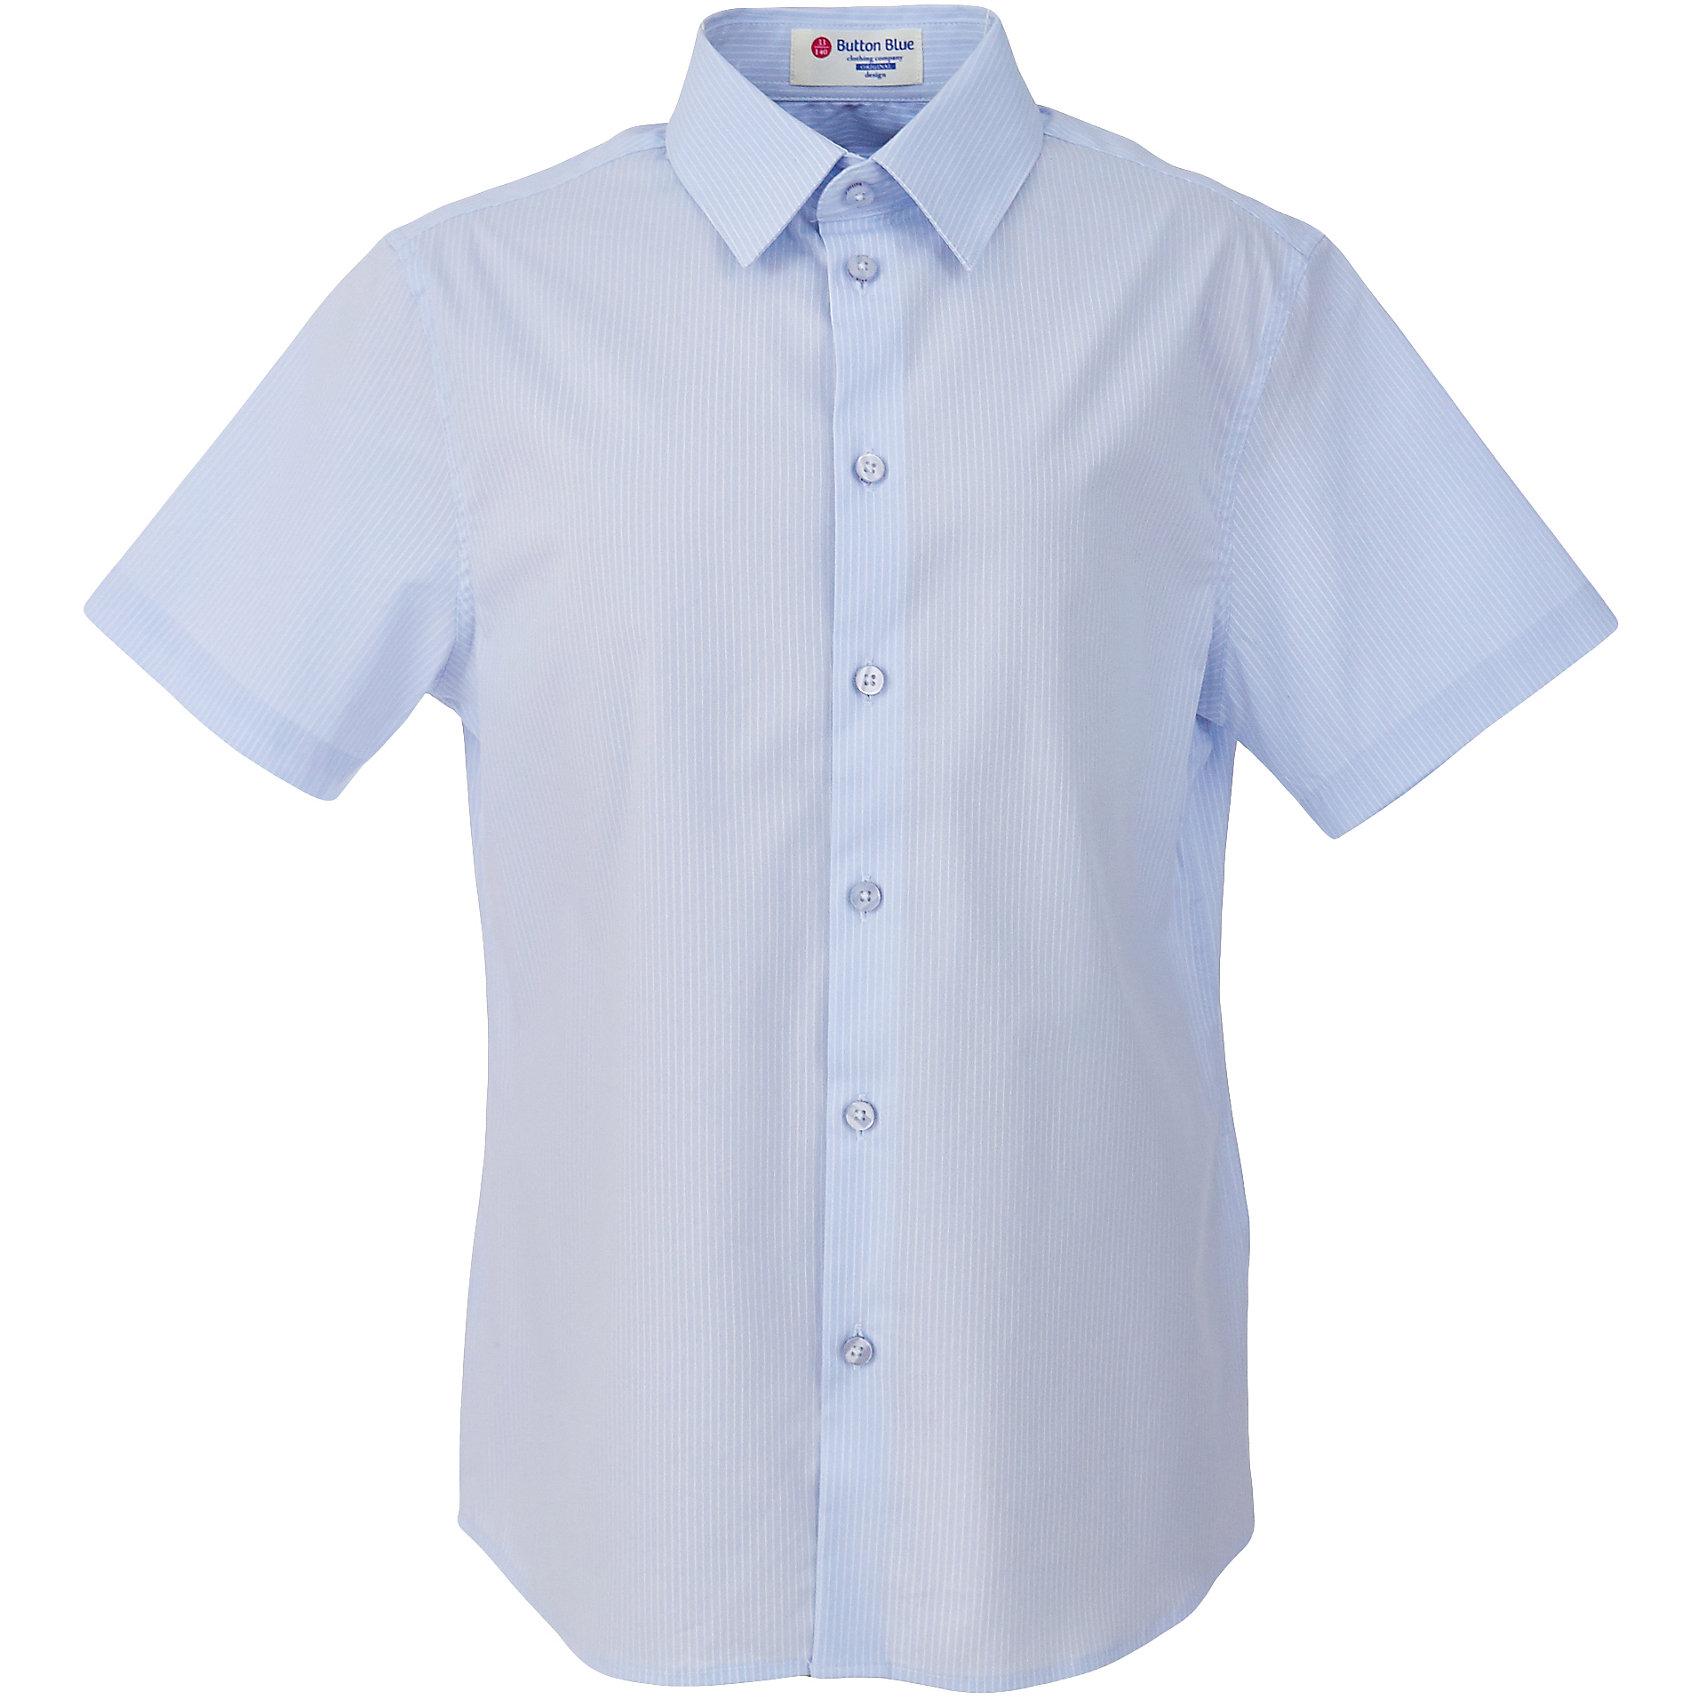 Рубашка для мальчика BUTTON BLUEБлузки и рубашки<br>Рубашка для мальчика BUTTON BLUE<br>Рубашка для мальчика - основа повседневного школьного образа! Школьные рубашки от Button Blue - это качество и комфорт, отличный внешний вид, удобство в уходе, высокая износостойкость. Какая детская рубашка для школы займет место в гардеробе вашего ребенка - зависит только от вас! Готовясь к школьному сезону, вам стоит купить рубашки в трех-четырех цветах, чтобы разнообразить будни ученика.<br>Состав:<br>61% хлопок                            36% нейлон  3%эластан<br><br>Ширина мм: 174<br>Глубина мм: 10<br>Высота мм: 169<br>Вес г: 157<br>Цвет: голубой в полоску<br>Возраст от месяцев: 156<br>Возраст до месяцев: 168<br>Пол: Мужской<br>Возраст: Детский<br>Размер: 164,122,128,134,140,146,152,158<br>SKU: 6739144